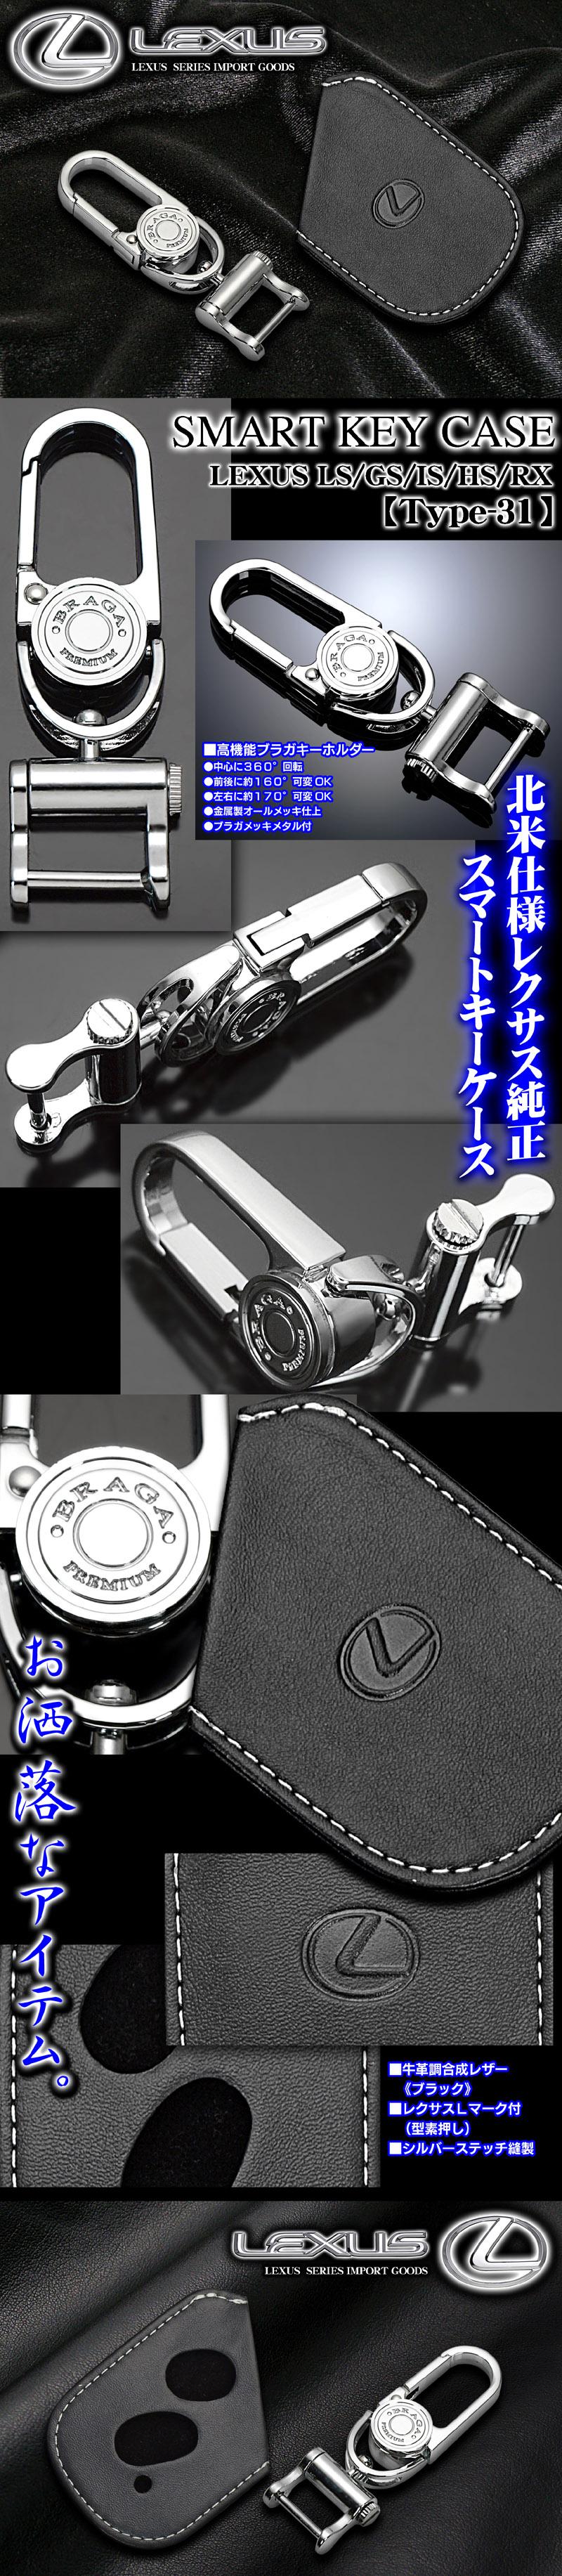 タイプ31SI【レクサス/スマートキー】キーケース&ブラガキーホルダー付[ブラック牛革調合成レザー/シルバーステッチ]